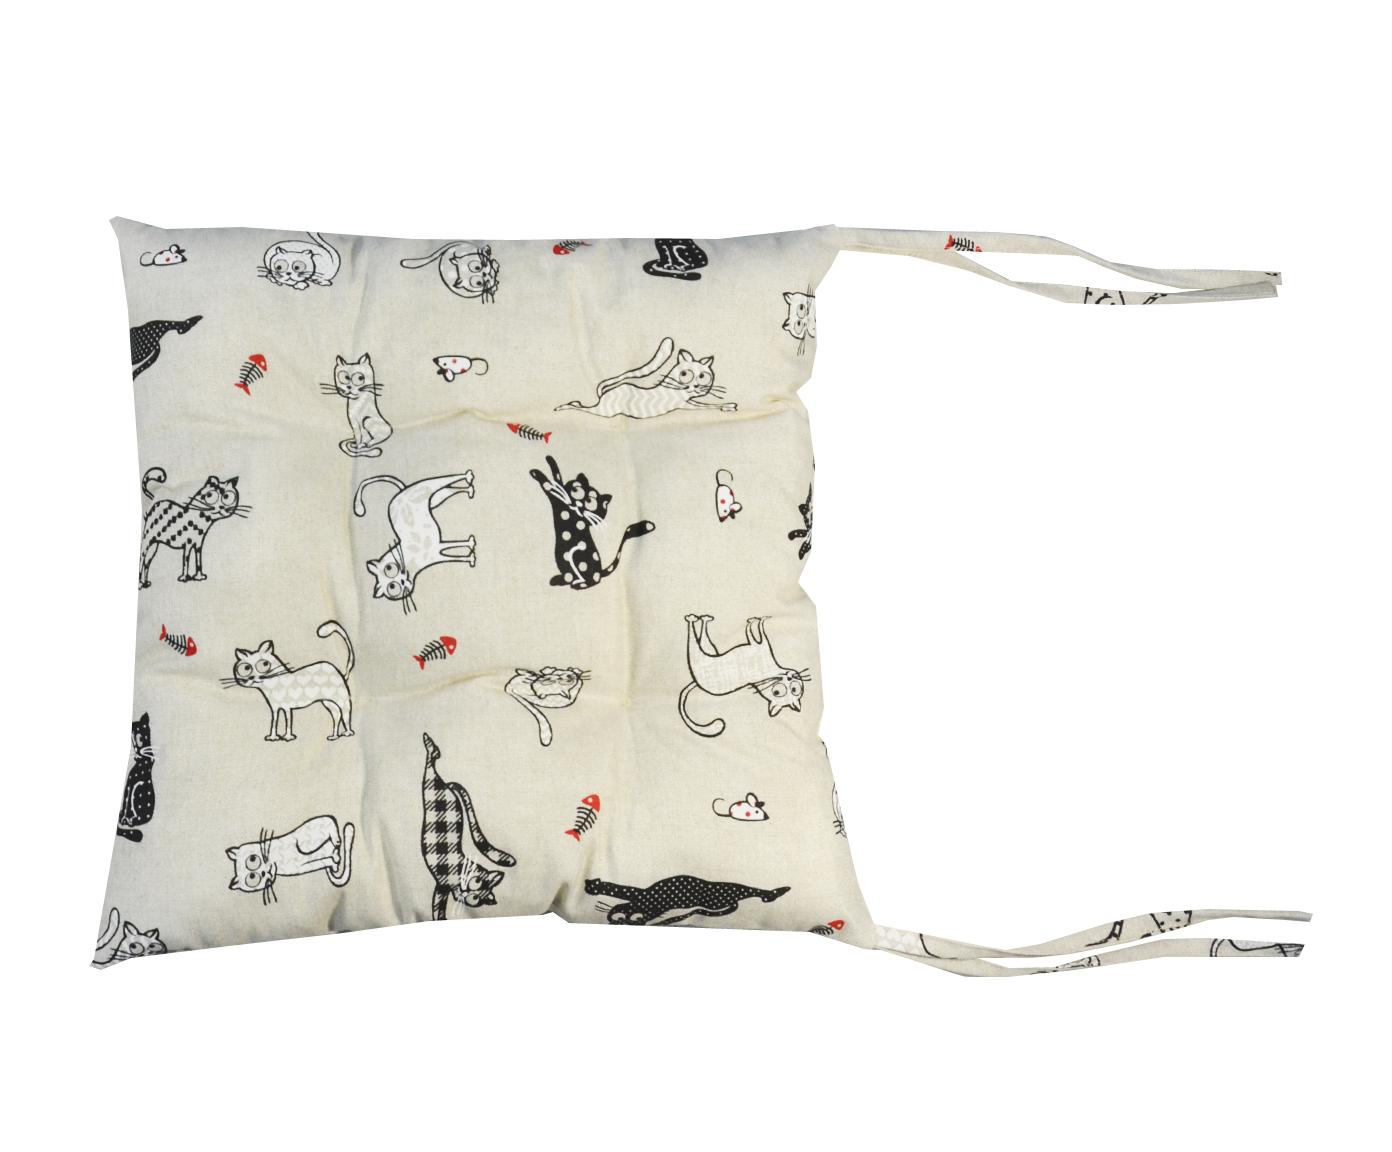 Подушка для стула CatsКвадратные подушки и наволочки<br>Декоративная  подушка .Чехол съемный.<br><br>Material: Хлопок<br>Ширина см: 43<br>Высота см: 43<br>Глубина см: 15